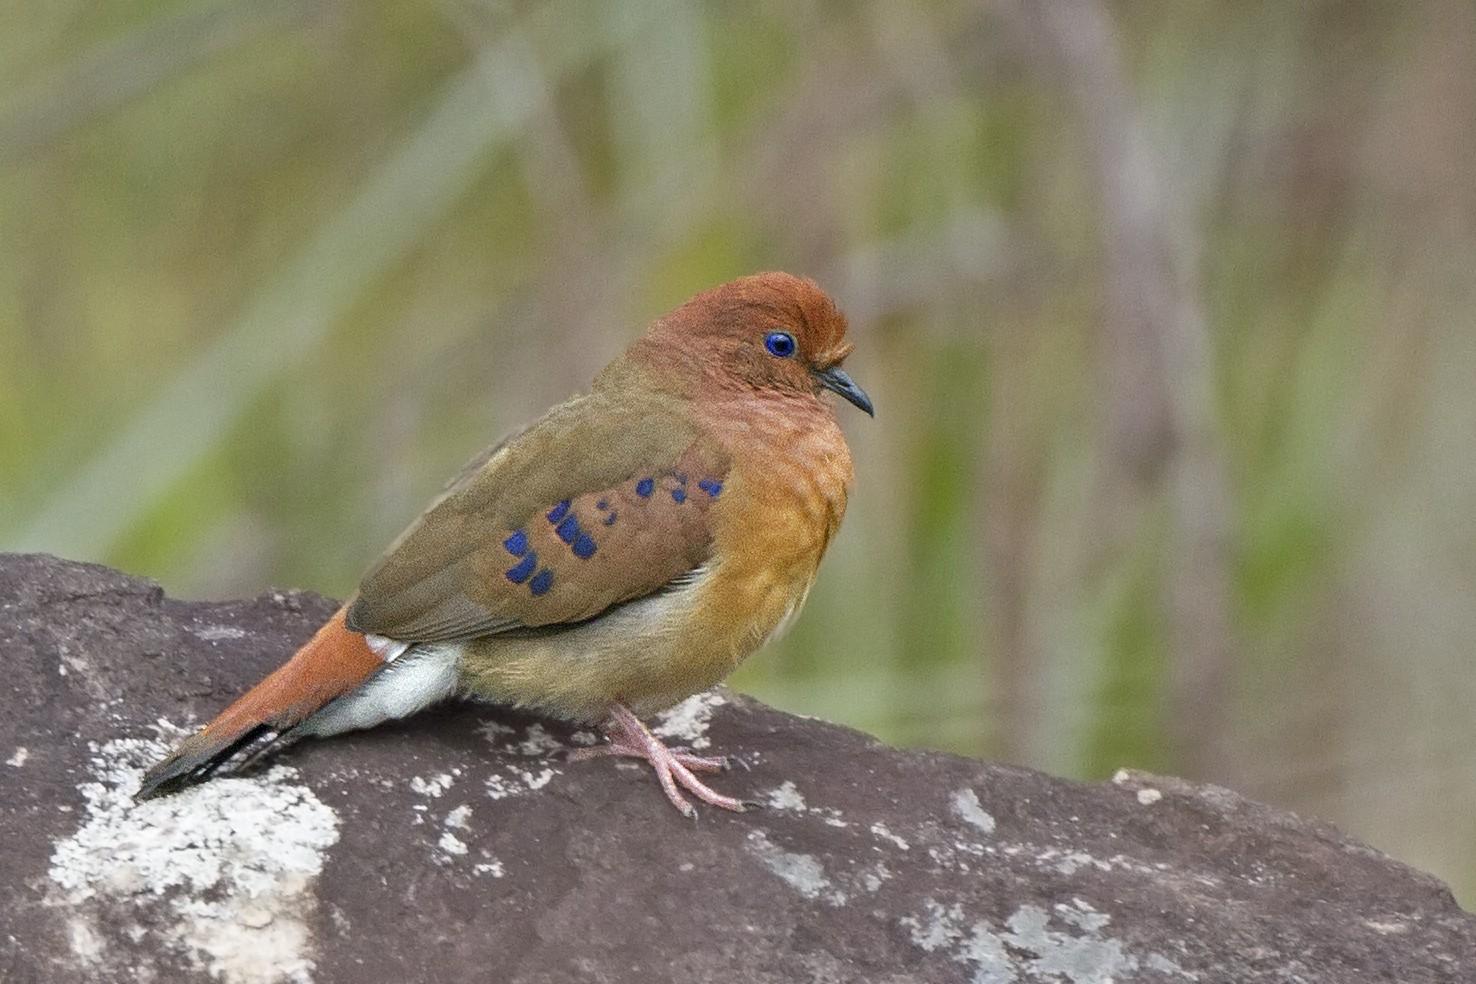 Somente 12 indivíduos da espécie Rolinha-do-planalto foram encontrados pelos pesquisadores (Foto: Divulgação/Instituto Butantan)